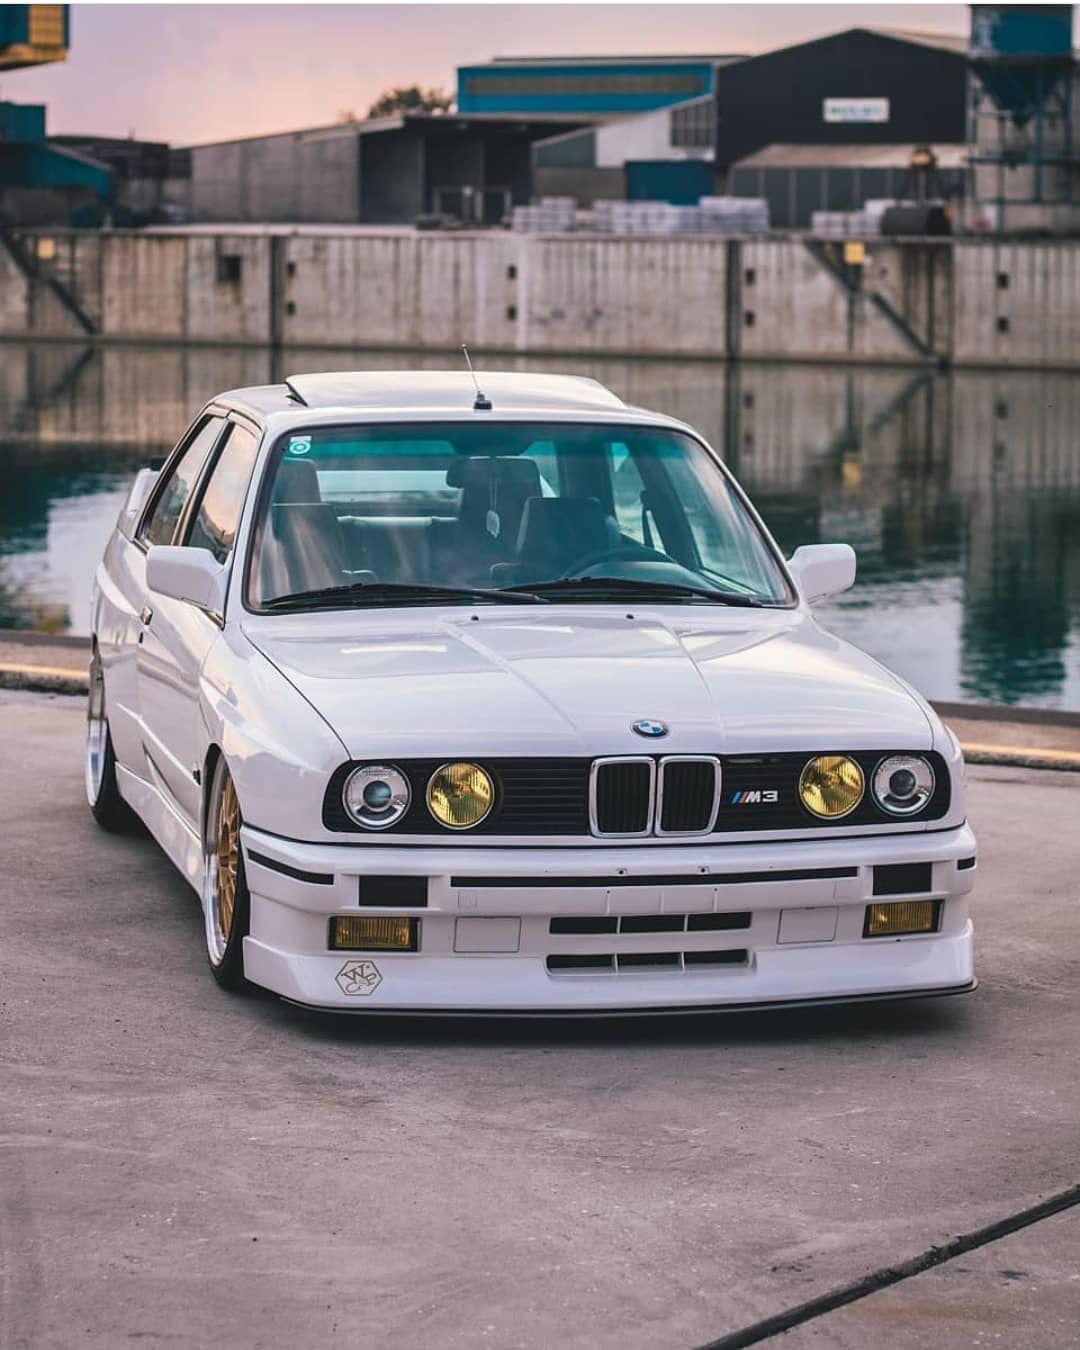 Bmw E30 Bmw Bmw E30 Bmw E30 Coupe